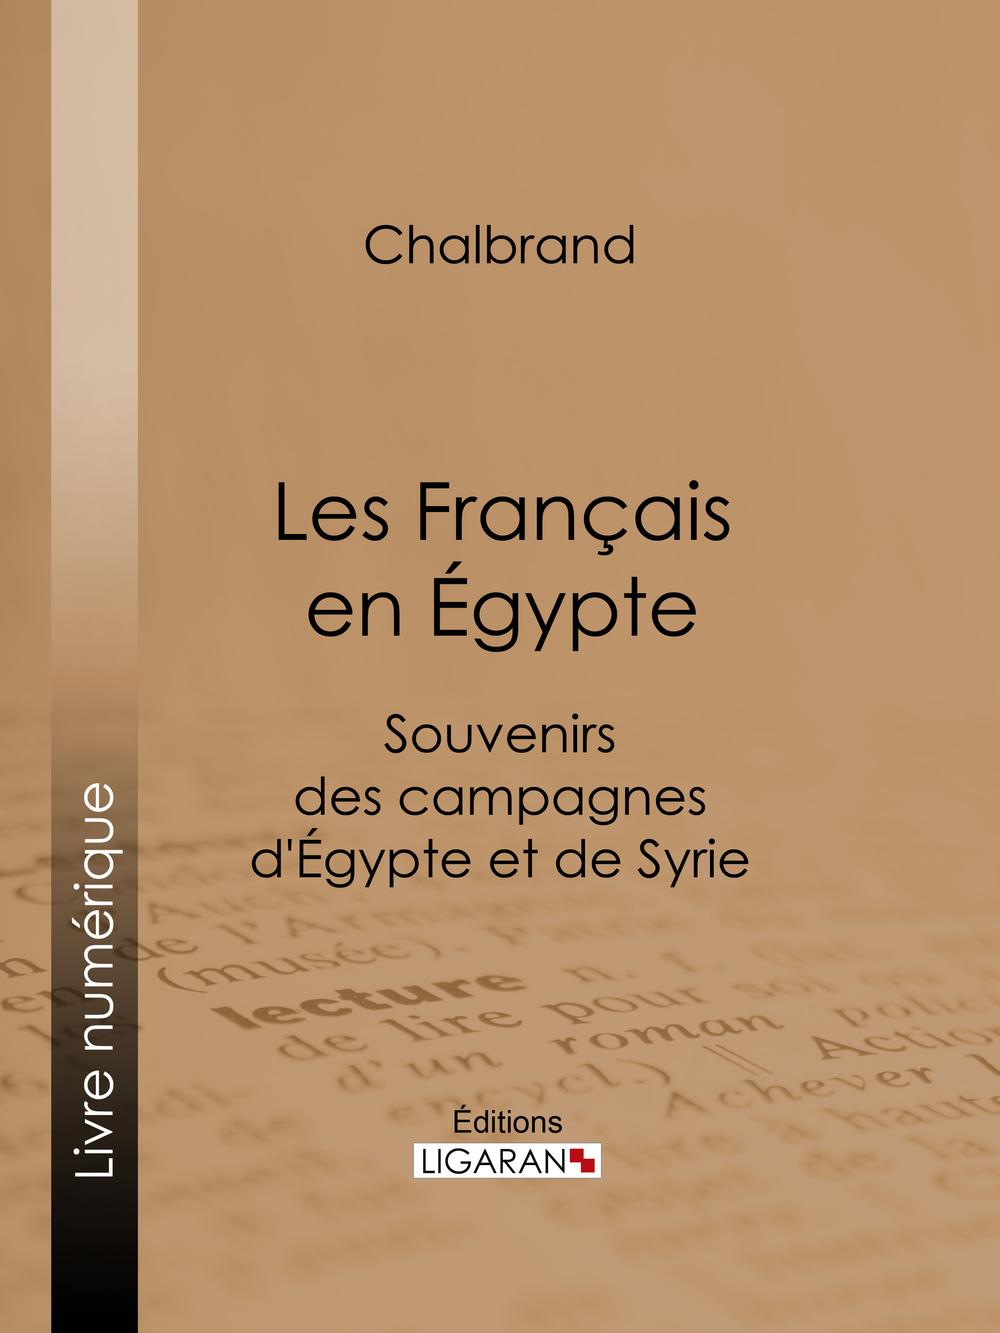 Les Français en Égypte